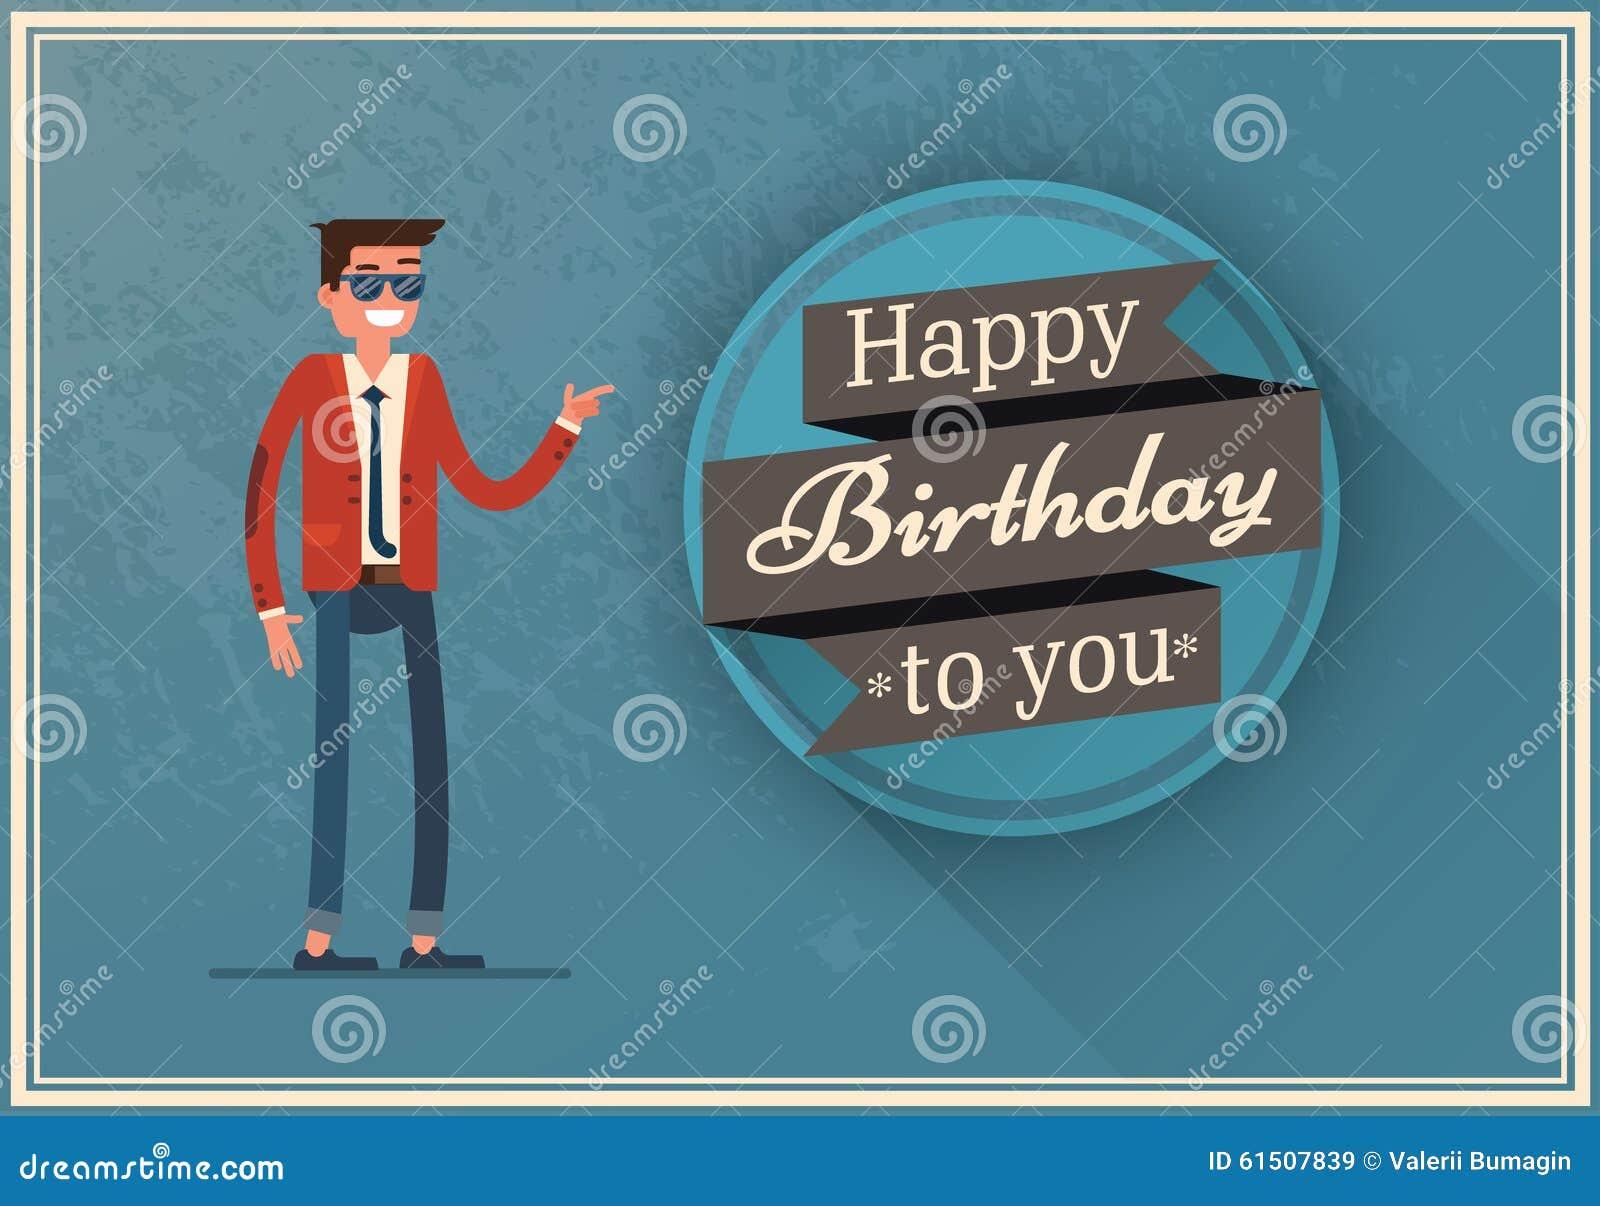 Cartão De Aniversário Com Um Homem Feliz Ilustração Do Vetor